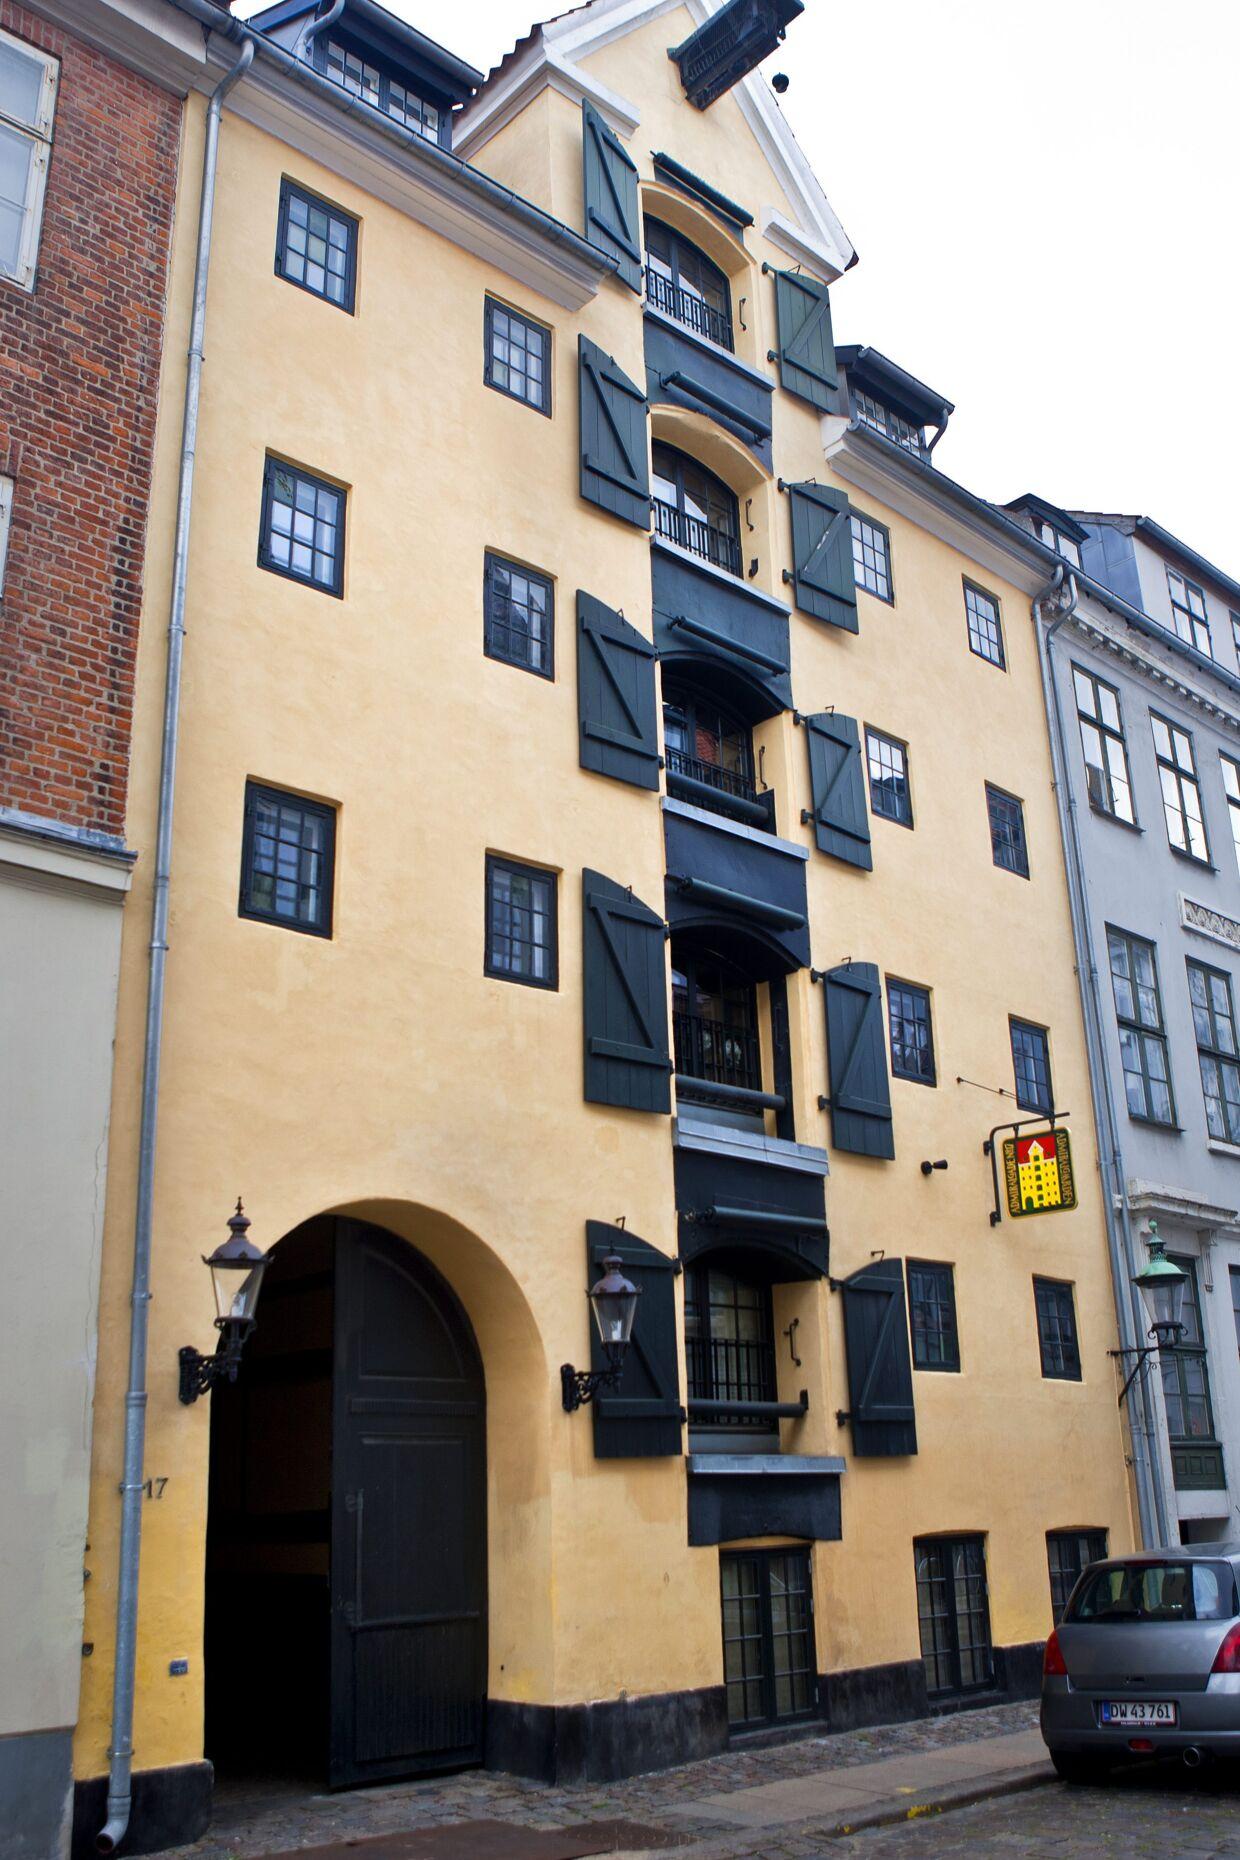 Admiralgade 17, få gader fra Strøget og Christiansborg. Den er også ejet af selskabet Metorion, som Bent Fabric ejer sammen med sønnerne.